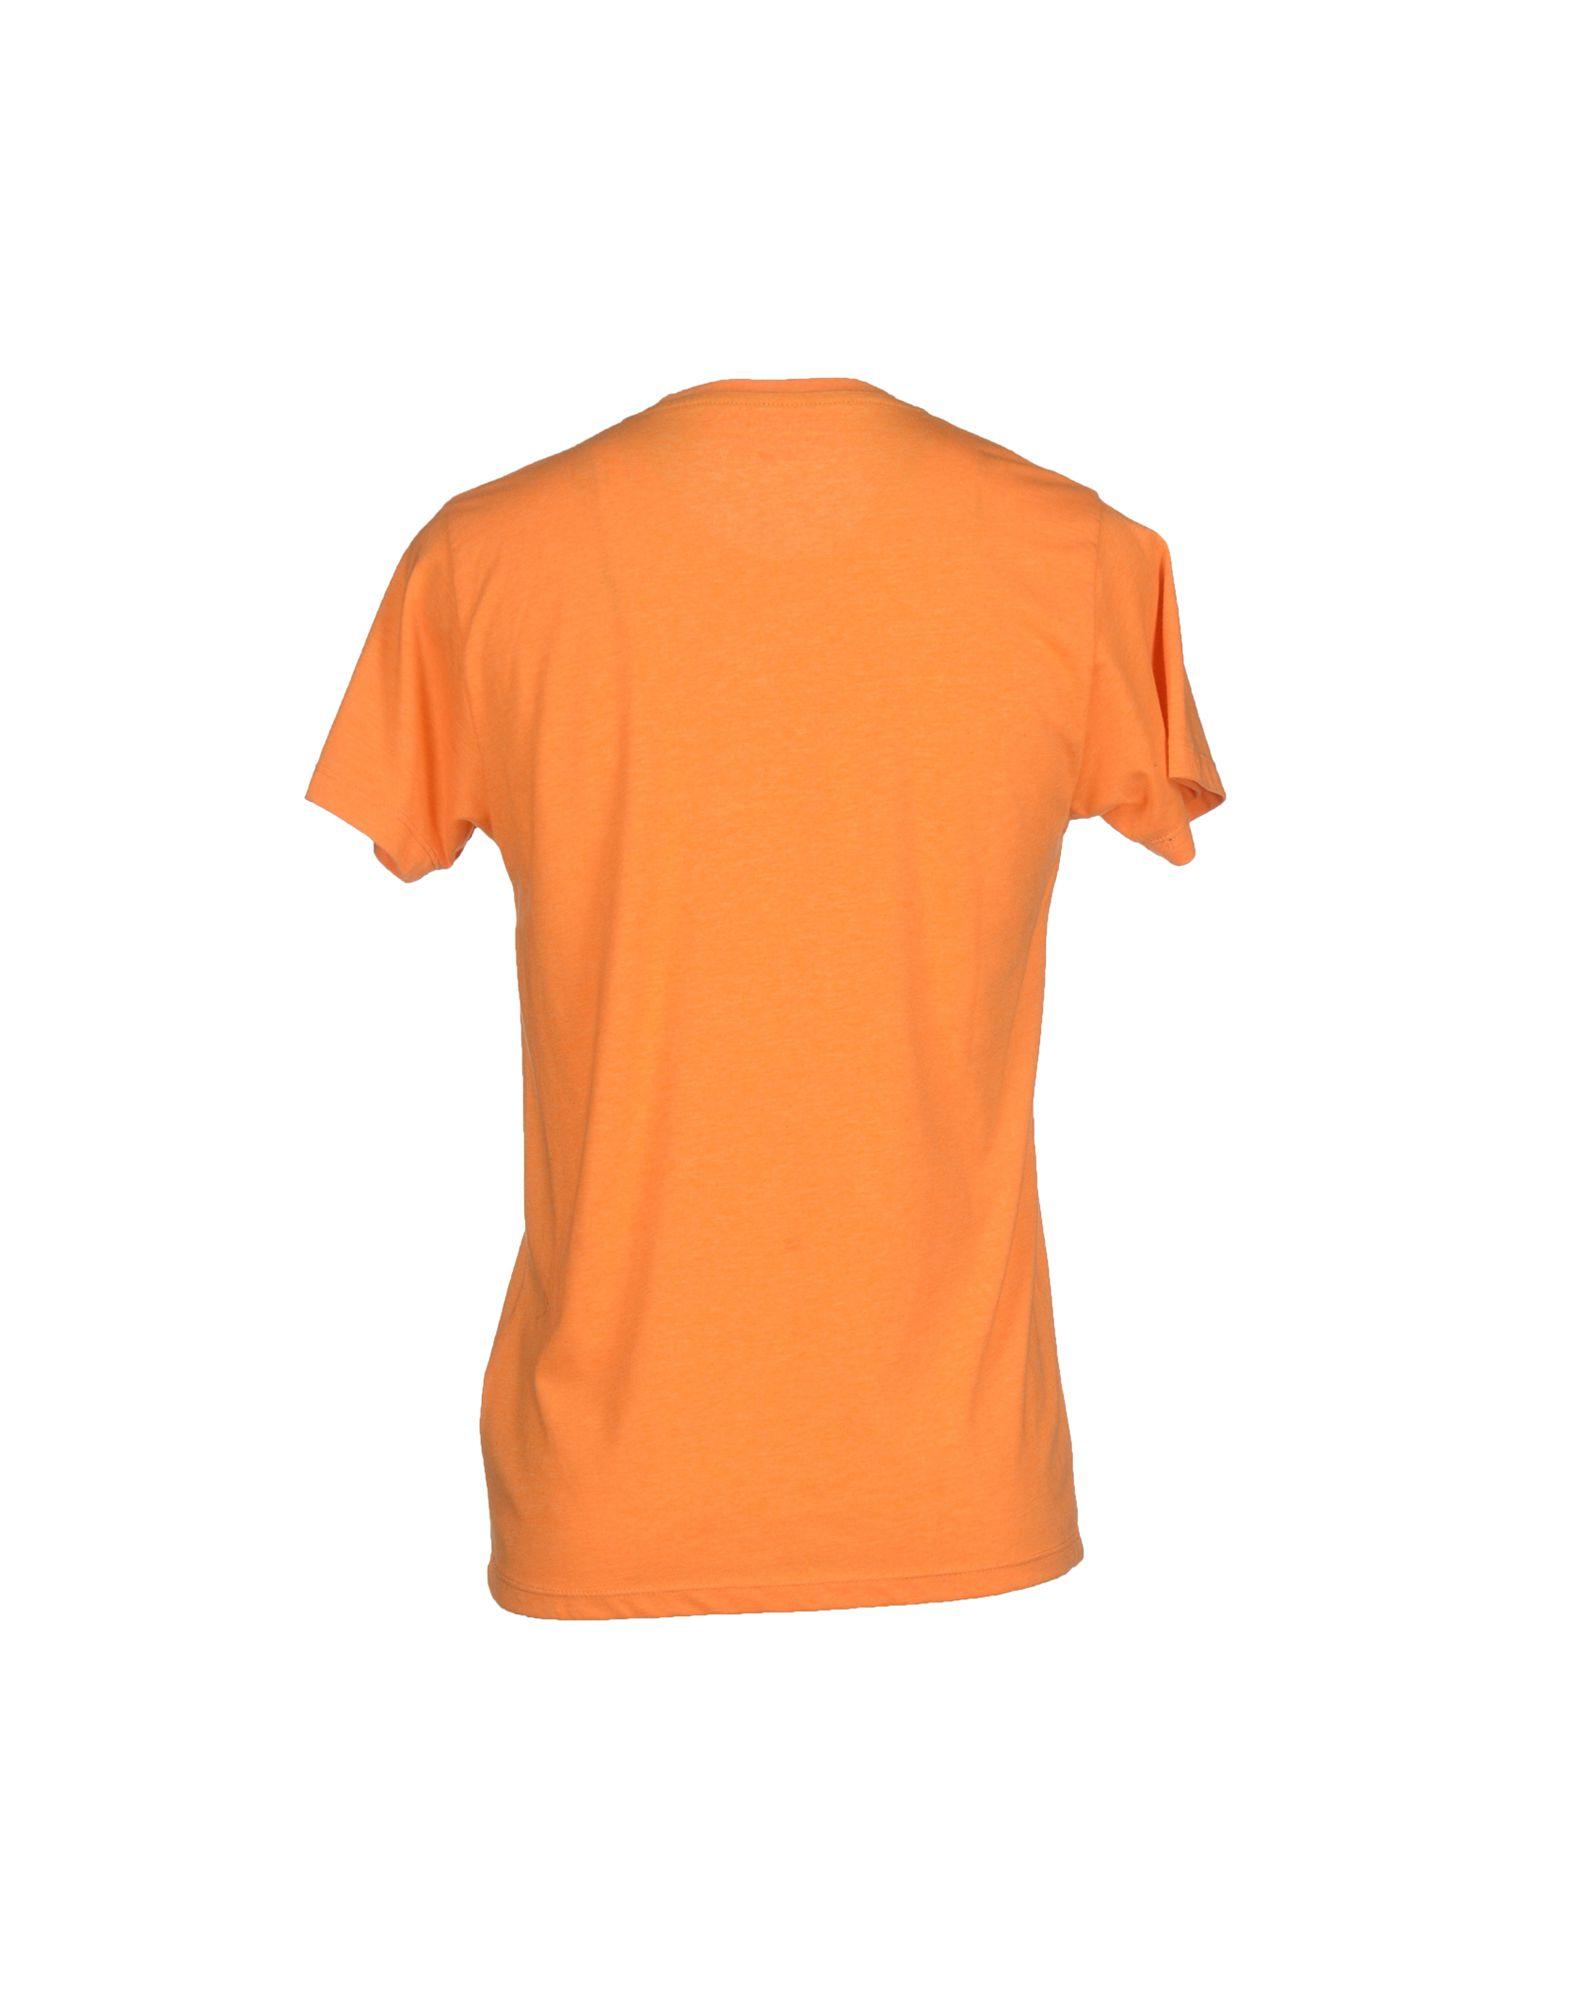 lyst originals by jack jones t shirt in orange for men. Black Bedroom Furniture Sets. Home Design Ideas